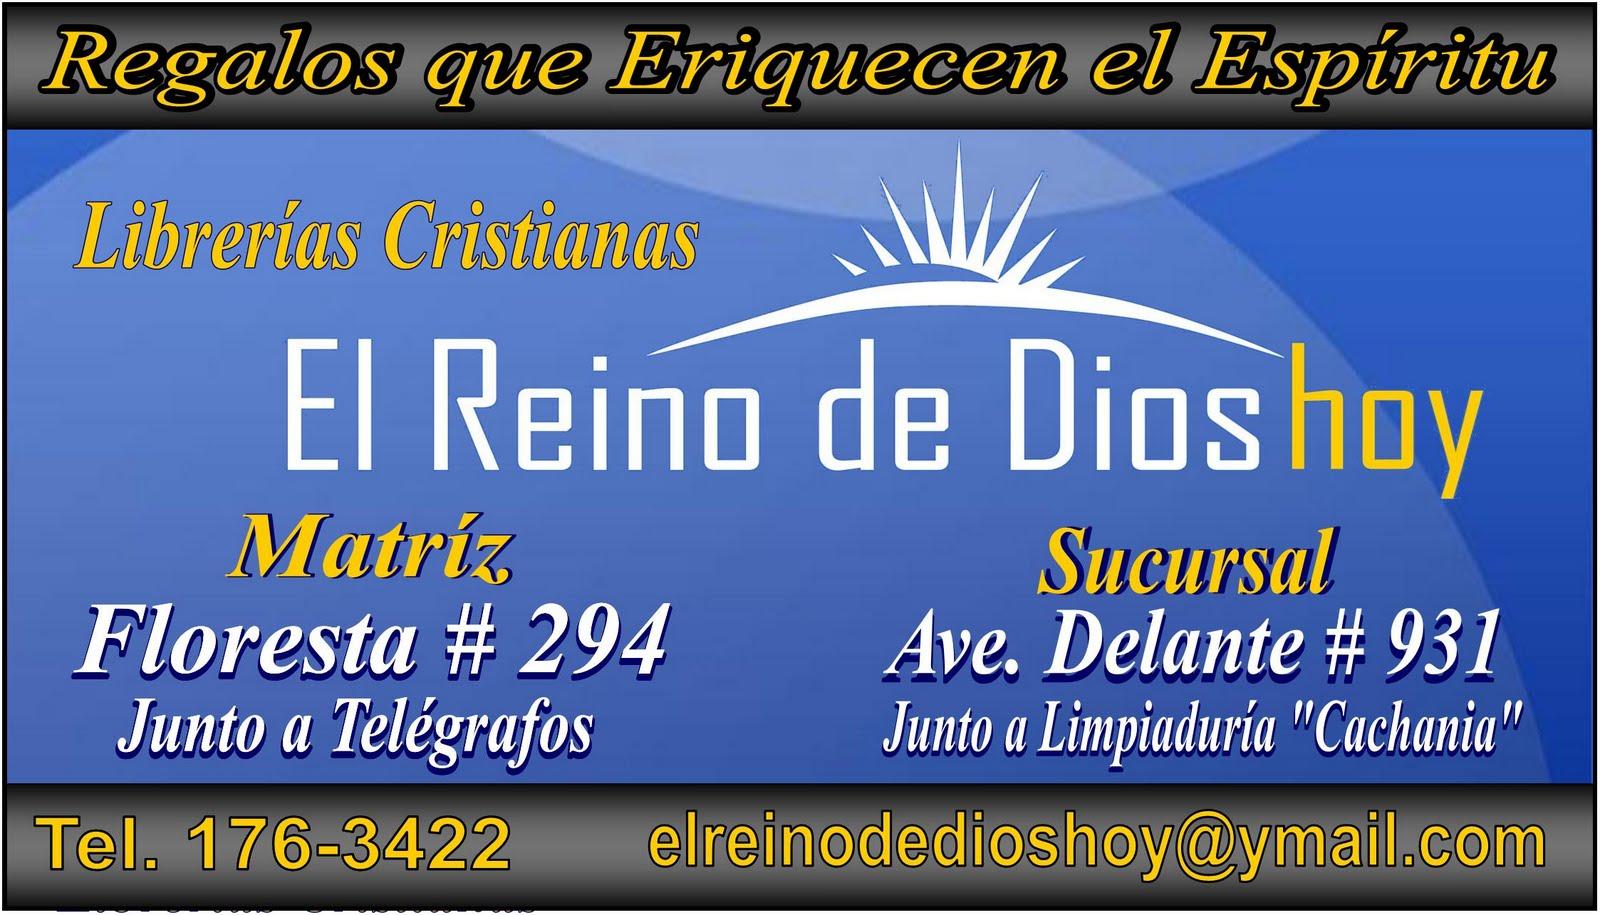 Librer a cristiana librer as cristianas el reino de dios hoy - Librerias cristiana ...